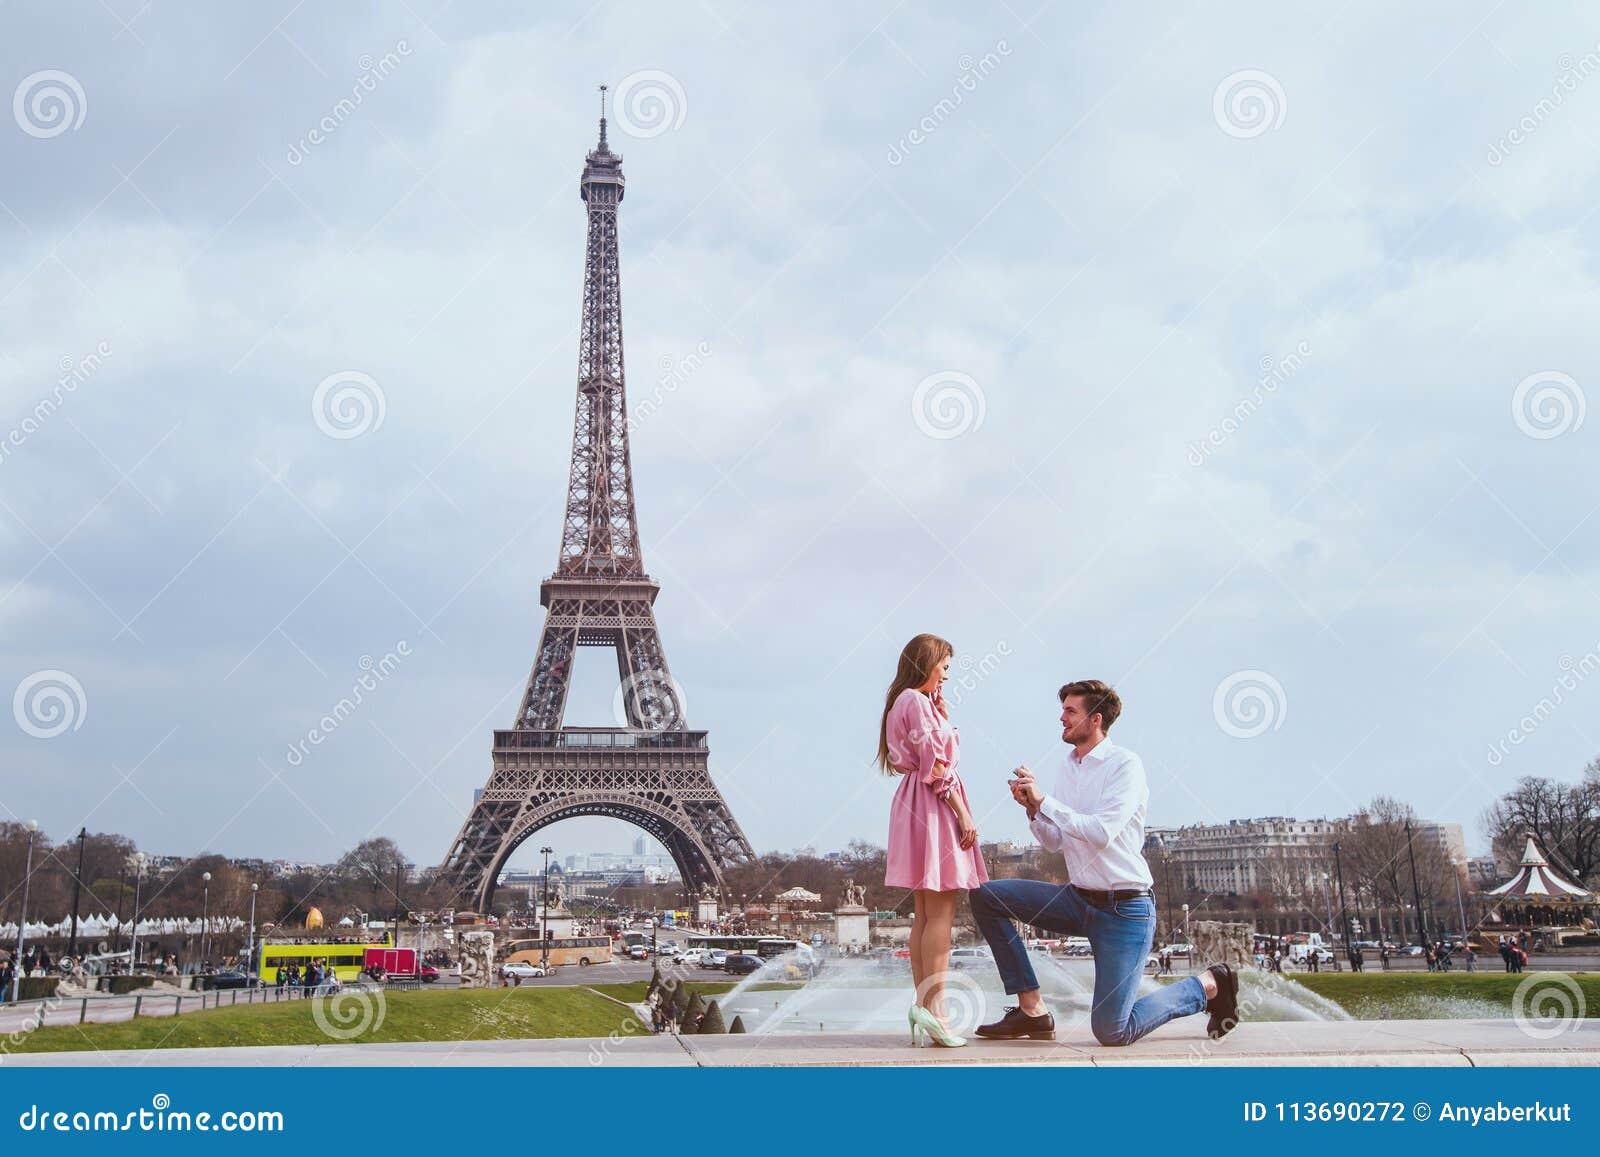 Romantyczna propozycja w Paryż, zobowiązanie